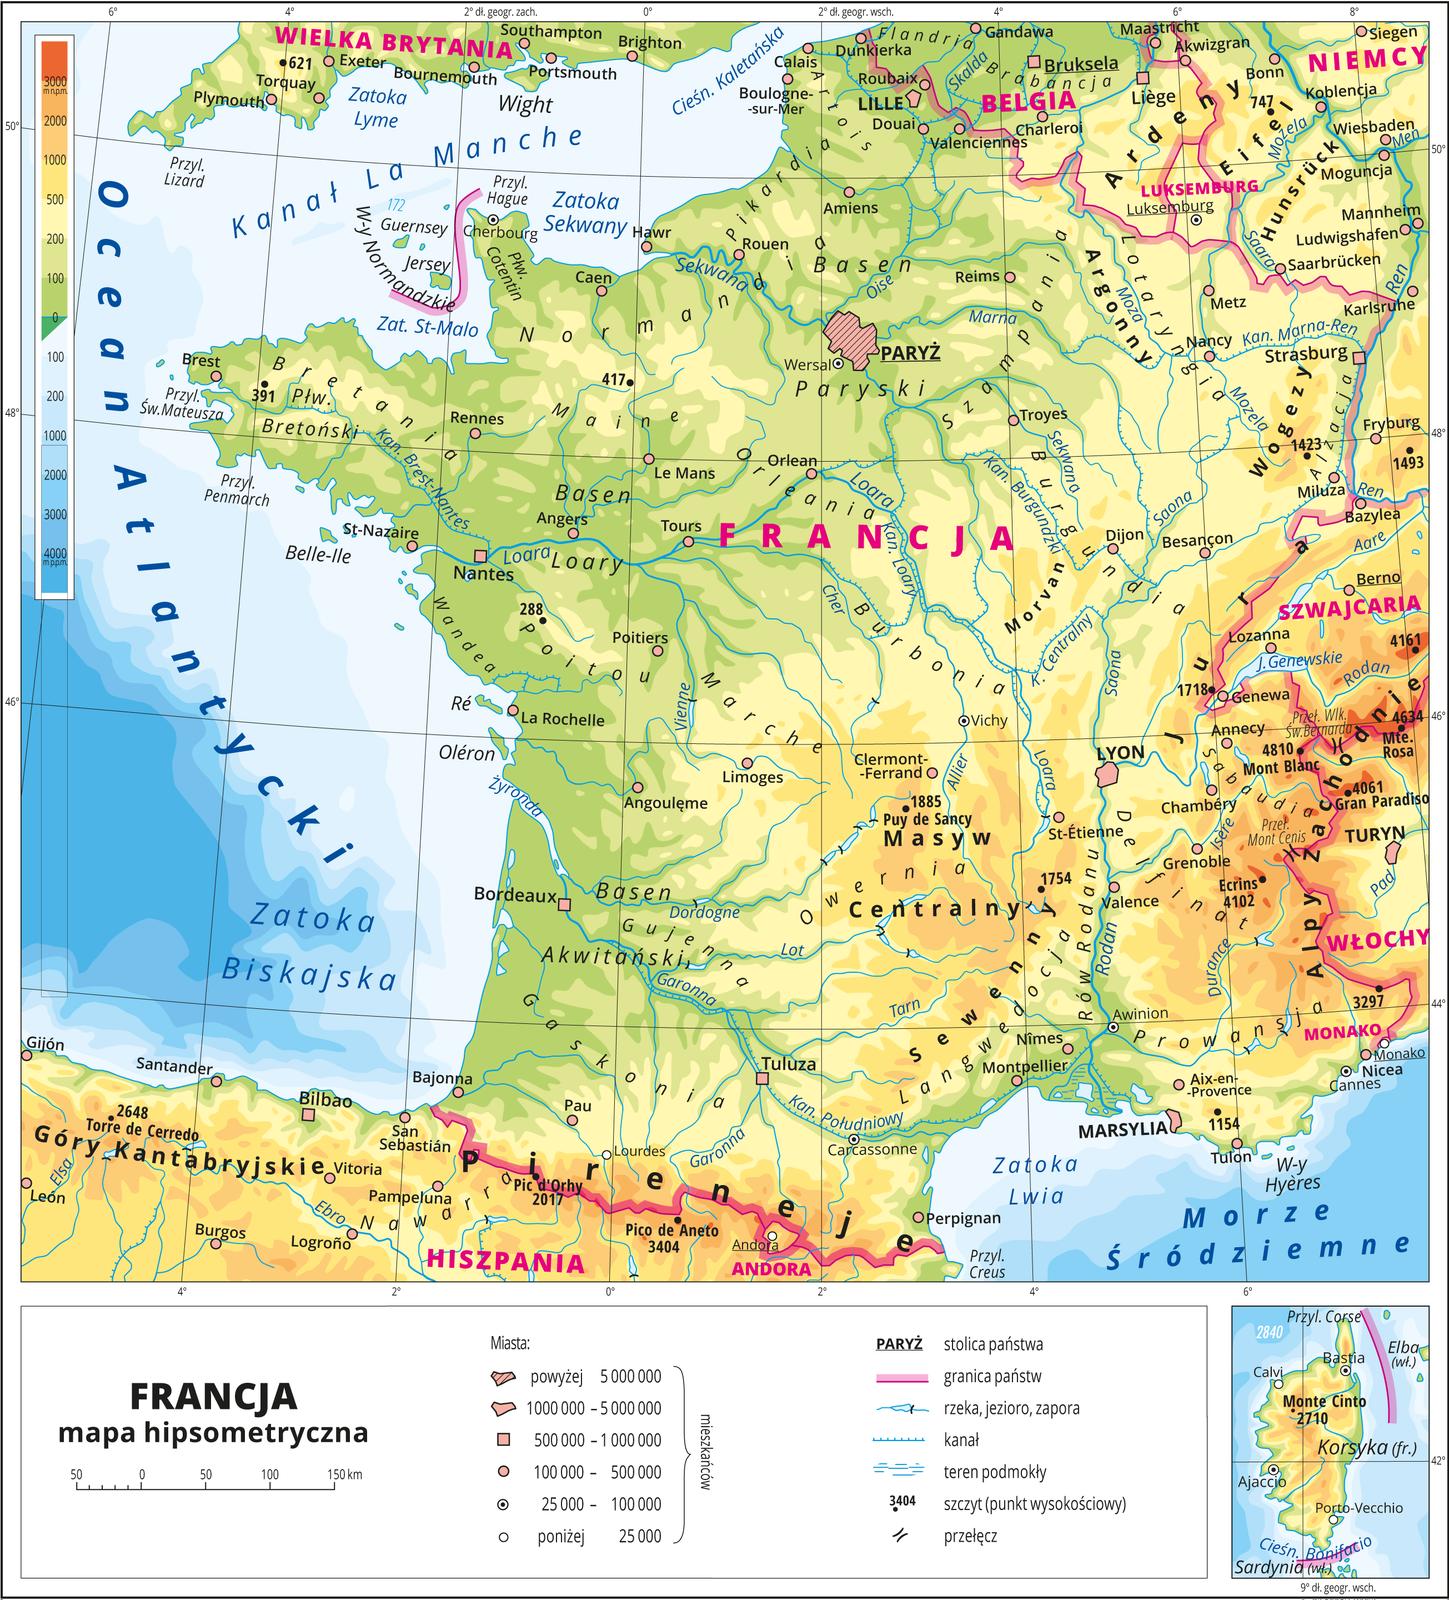 Ilustracja przedstawia mapę hipsometryczną Francji. Wobrębie lądów występują obszary wkolorze zielonym, żółtym ipomarańczowym. Na północnym-zachodzie przeważają obszary wkolorze zielonym przechodzące ku południu iwschodowi wkolor żółty ipomarańczowy. Morza zaznaczono kolorem niebieskim. Na mapie opisano nazwy wysp, półwyspów, nizin, wyżyn ipasm górskich, mórz, zatok, rzek ijezior. Oznaczono iopisano główne miasta. Oznaczono czarnymi kropkami iopisano szczyty górskie. Różową wstążką oznaczono granice państw. Kolorem czerwonym opisano państwa. Mapa pokryta jest równoleżnikami ipołudnikami. Dookoła mapy wbiałej ramce opisano współrzędne geograficzne co dwa stopnie. Na dole ilustracji wosobnej ramce wanalogiczny sposób przedstawiono Korsykę. Wlegendzie przedstawiono iopisano znaki użyte na mapie.